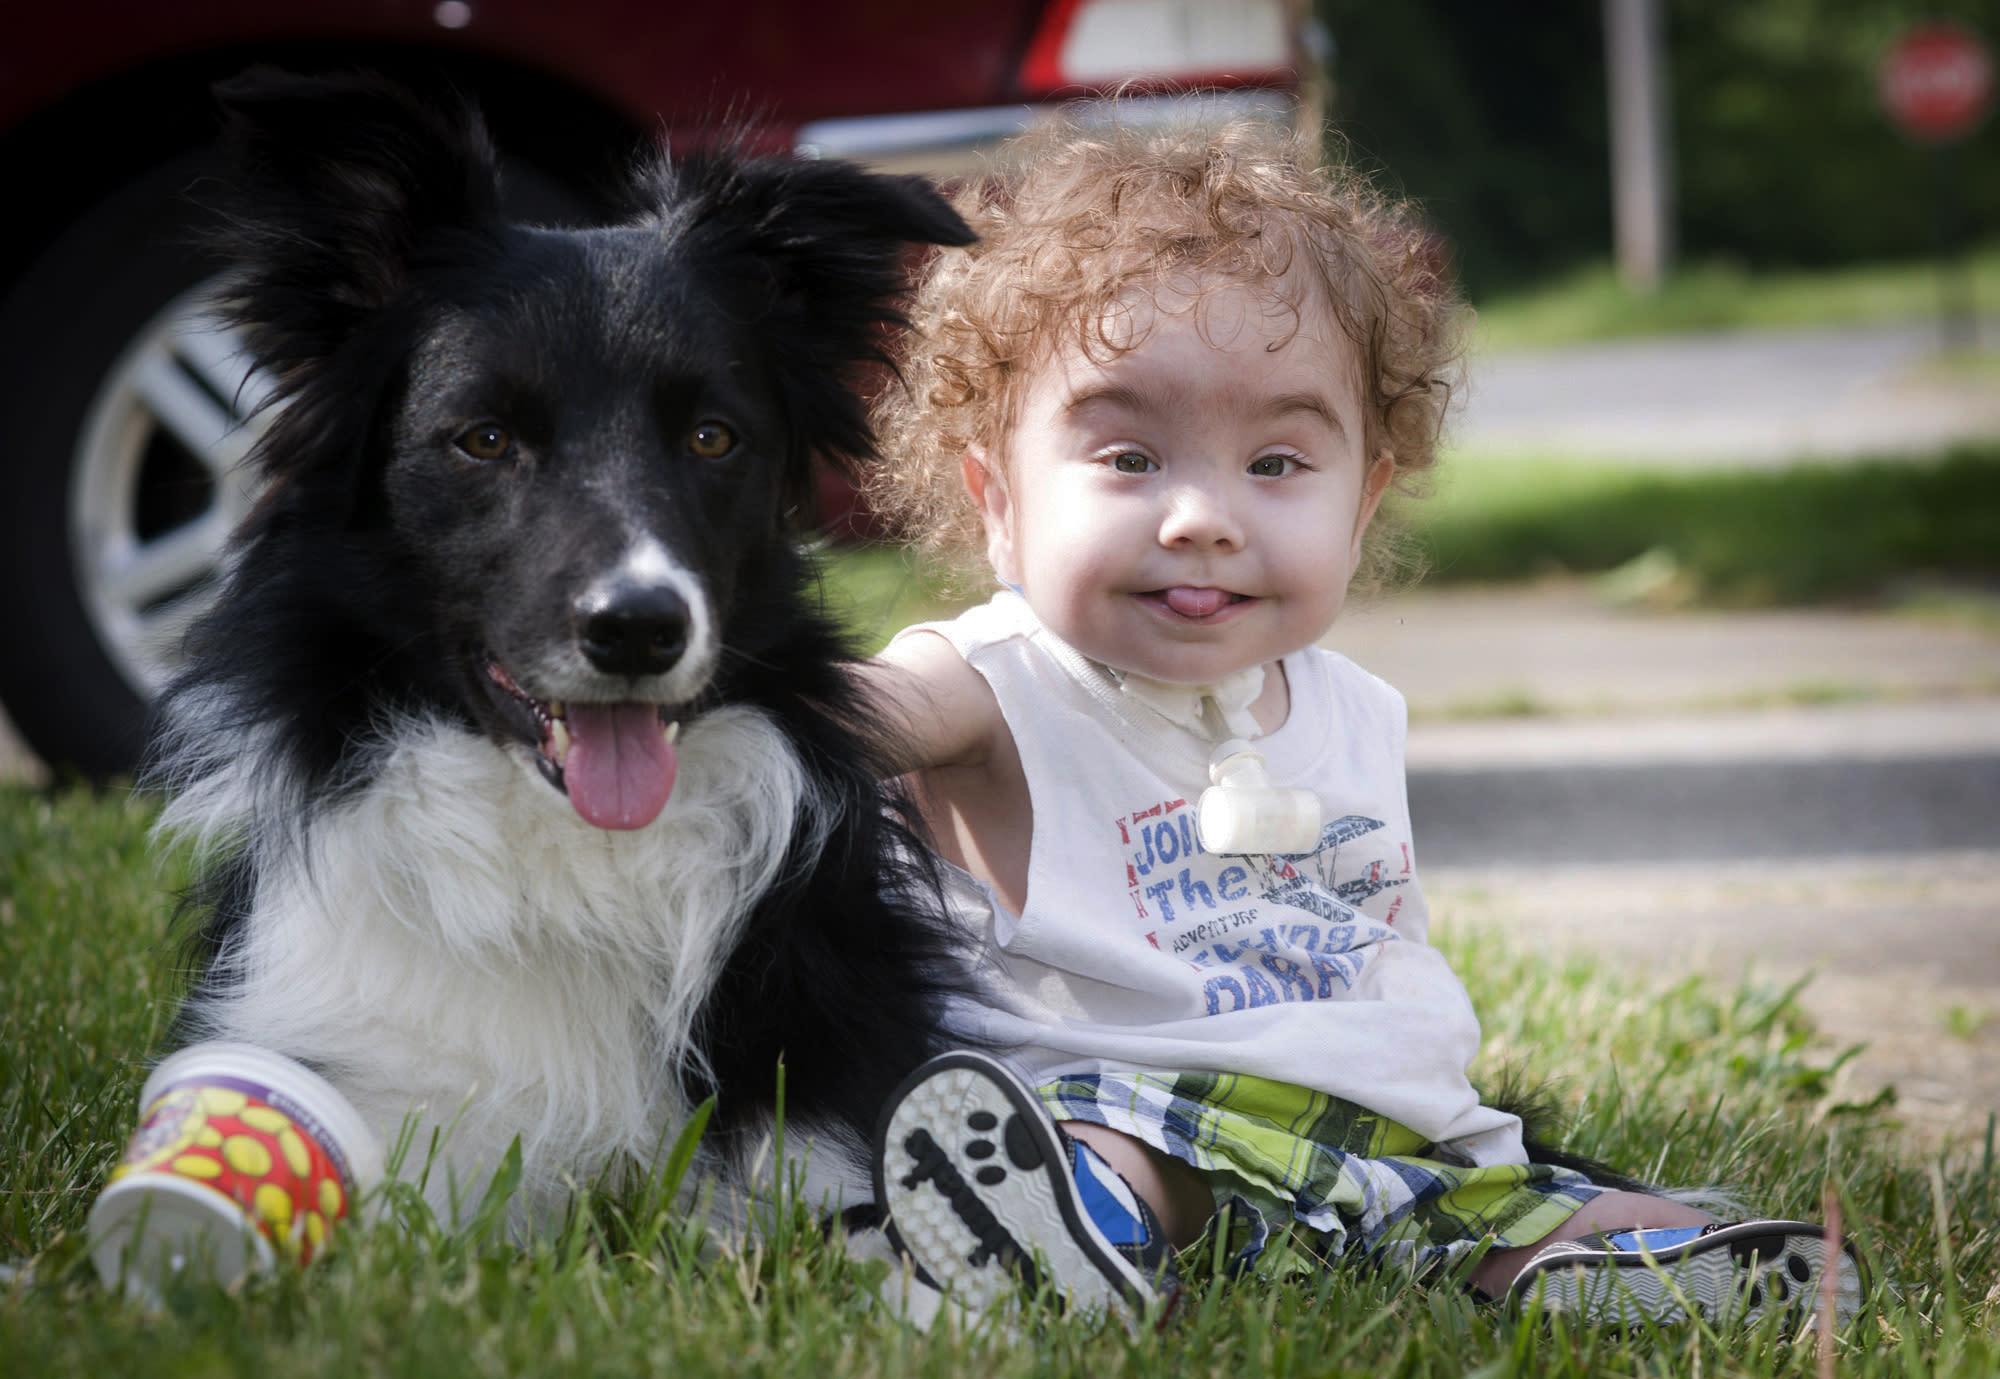 Смешные картинки дети и собаки смешное, крестиком